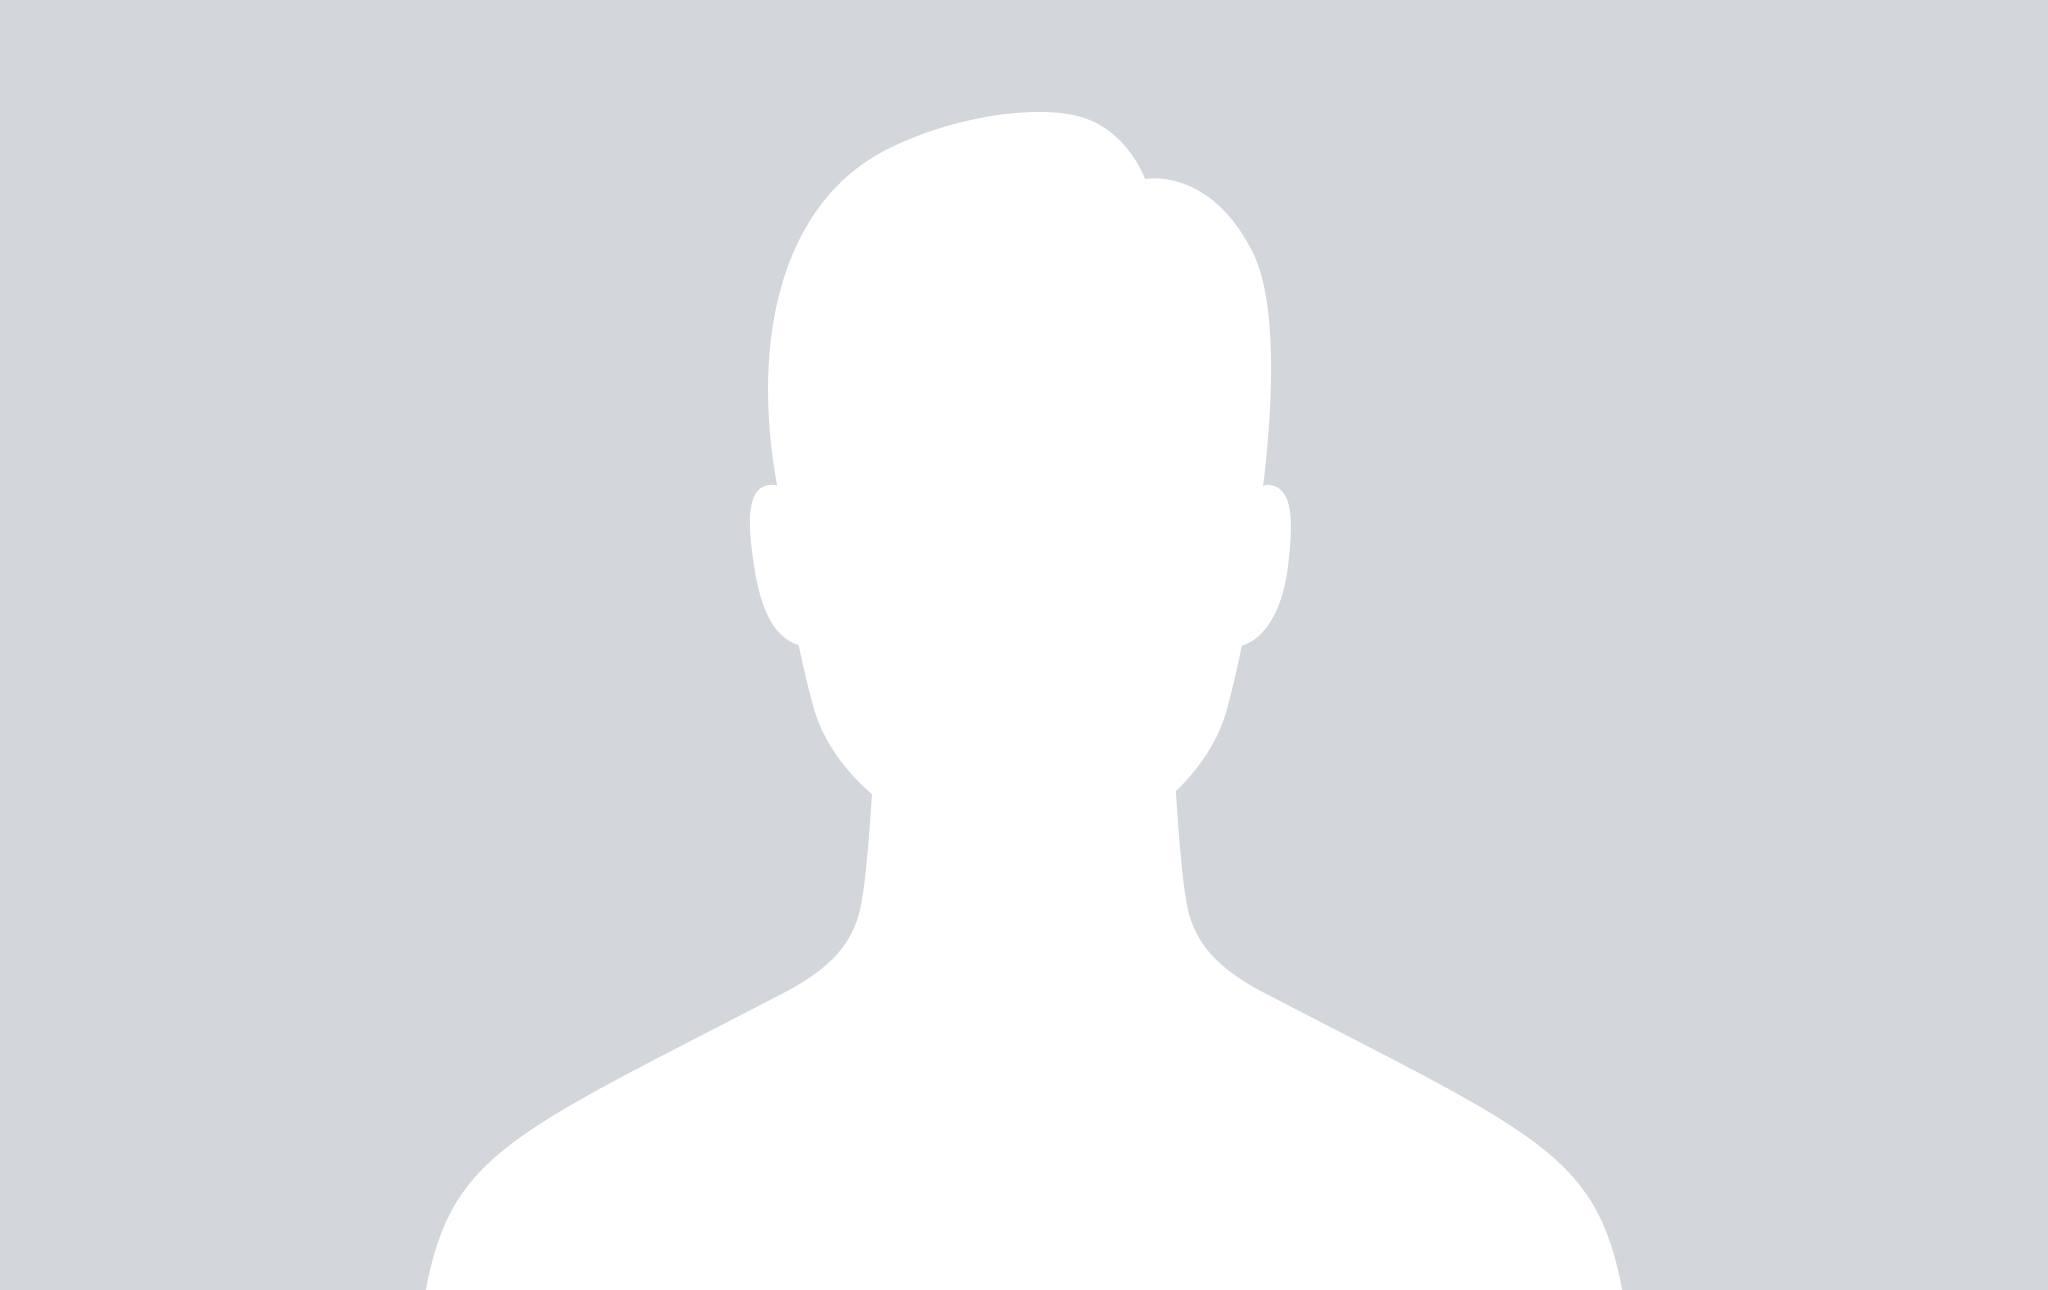 https://d2yht872mhrlra.cloudfront.net/user/158674/user_158674.jpg